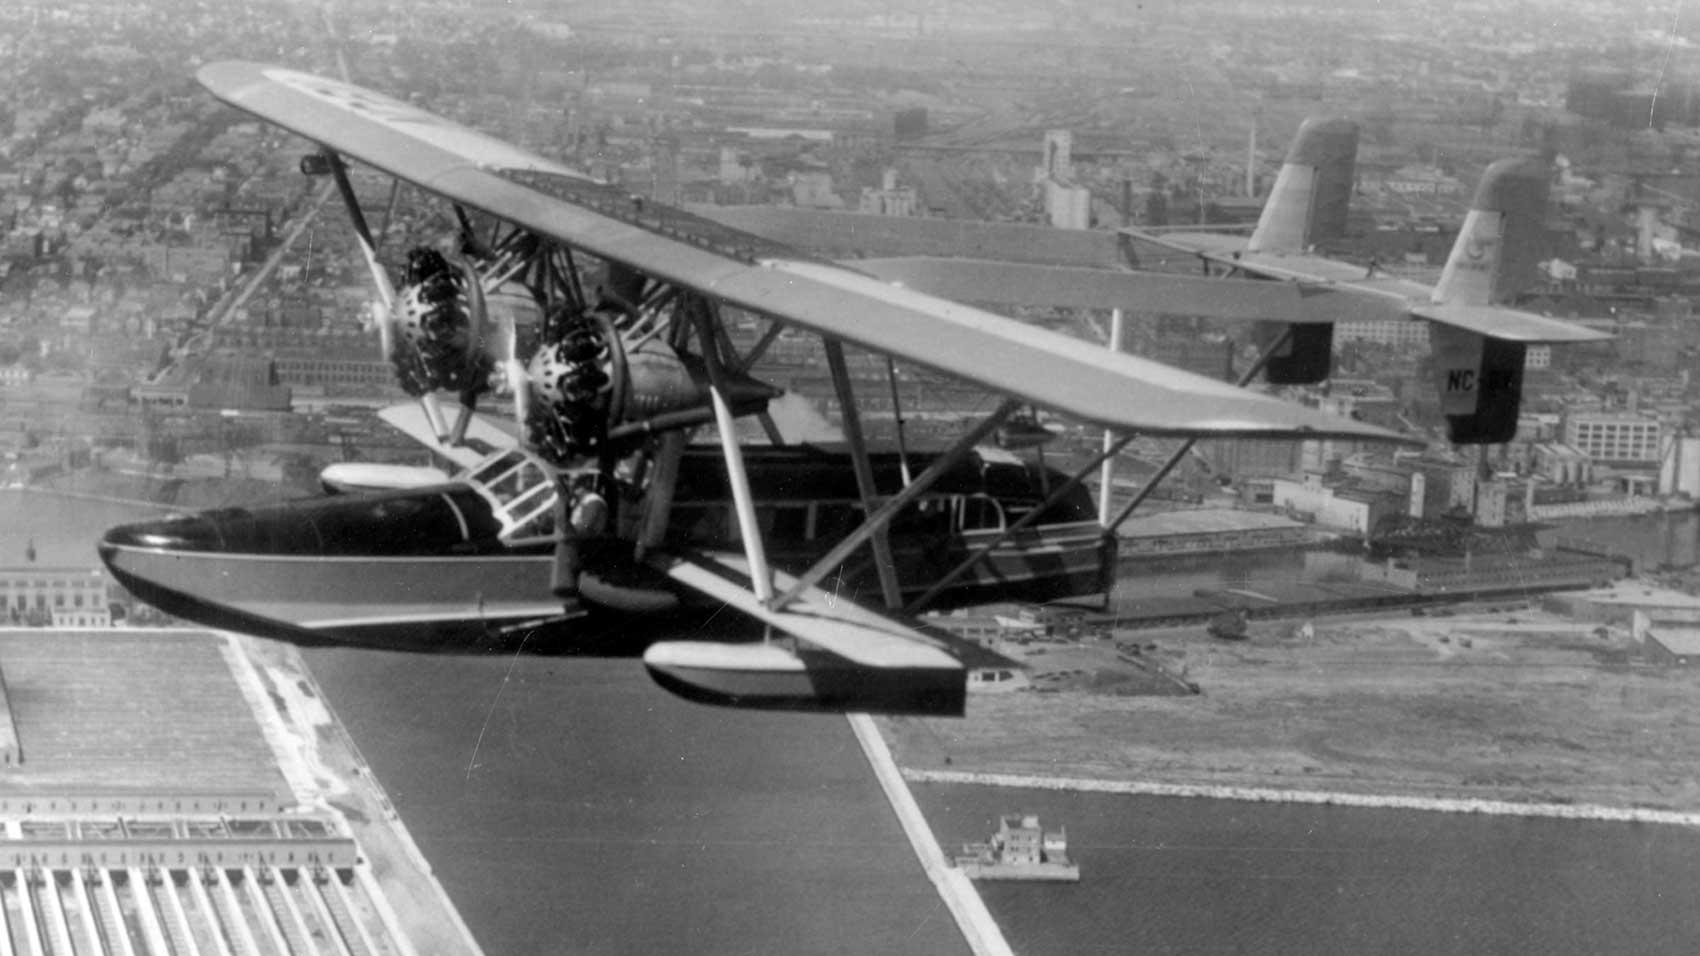 Carnaúba水陸両用機でブラジルへ飛ぶハーバート・ジョンソン・ジュニア